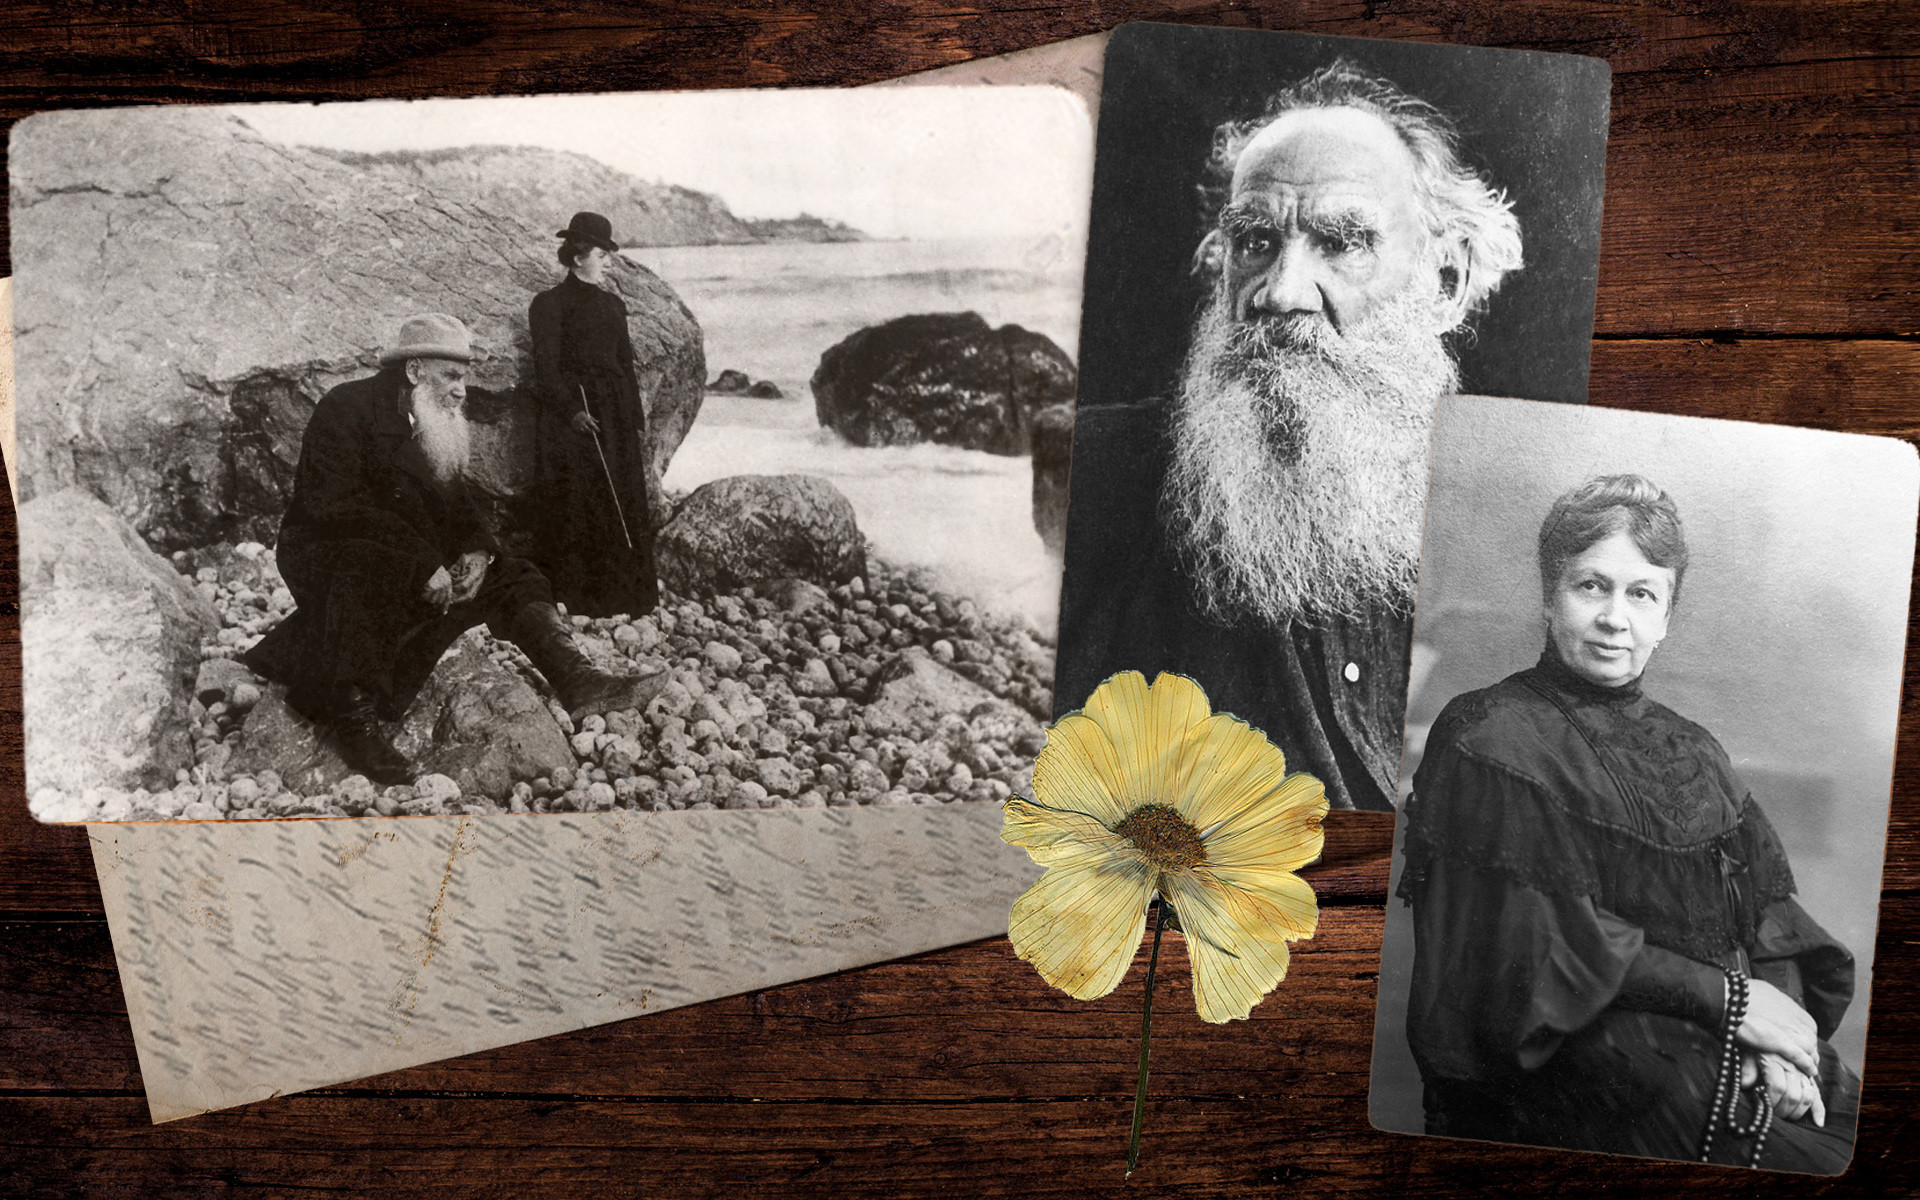 Лав Толстој со сопругата Софија на Крим, околу 1900 година; Софија Андреевна 1905.